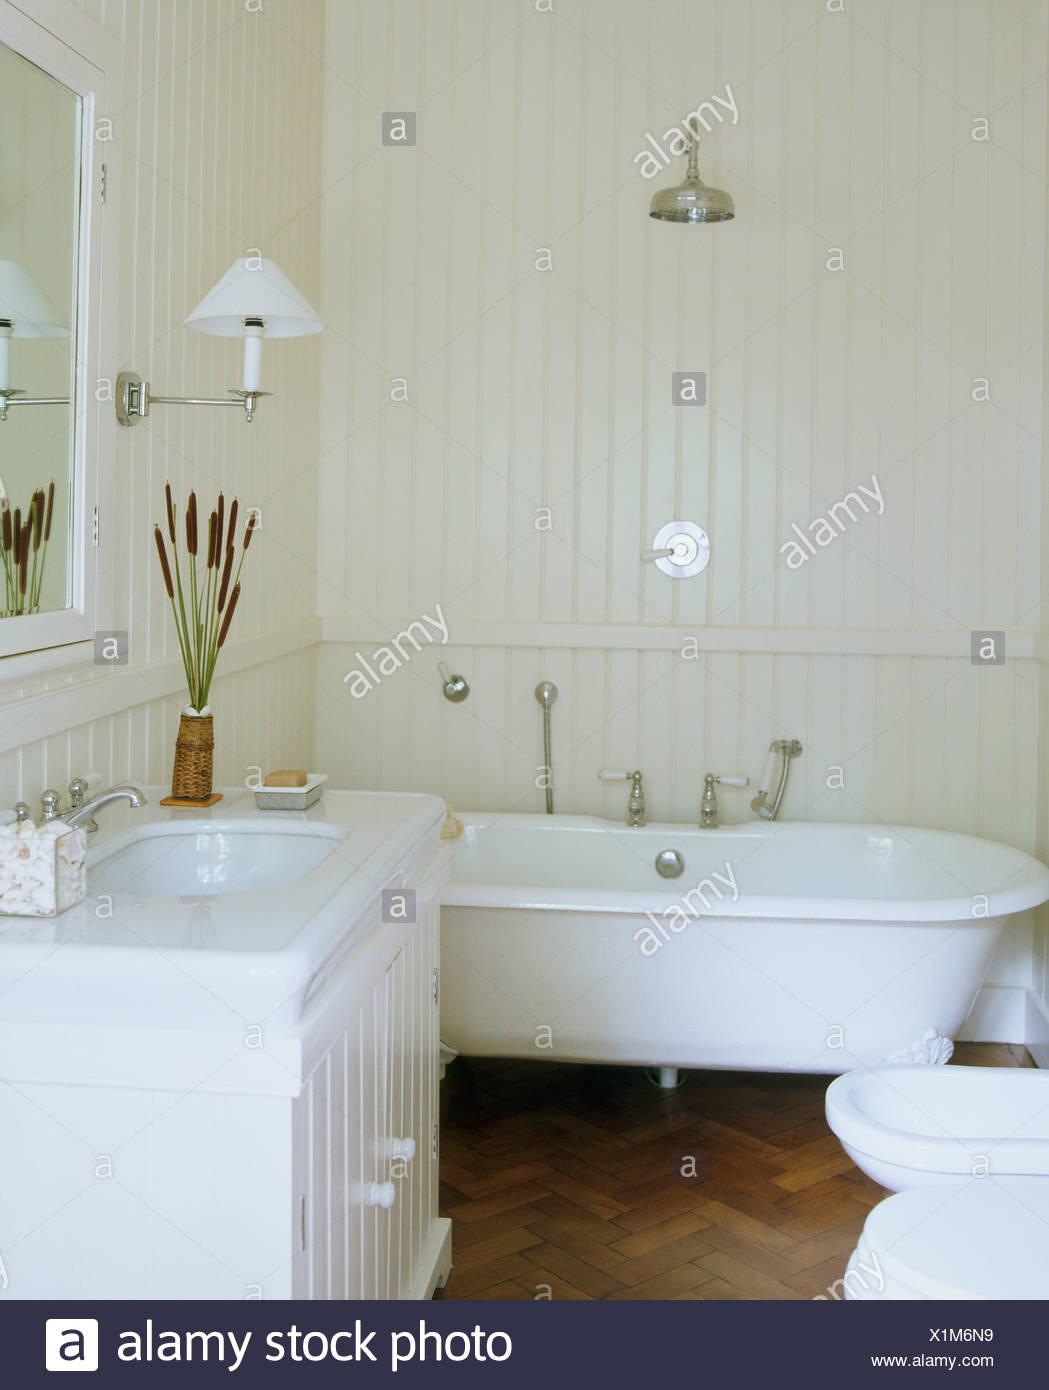 Schon Chrom Dusche über Roll Top Badewanne Im Weißen Badezimmer Mit Weißen  Gemalten Zunge + Groove Verkleidung